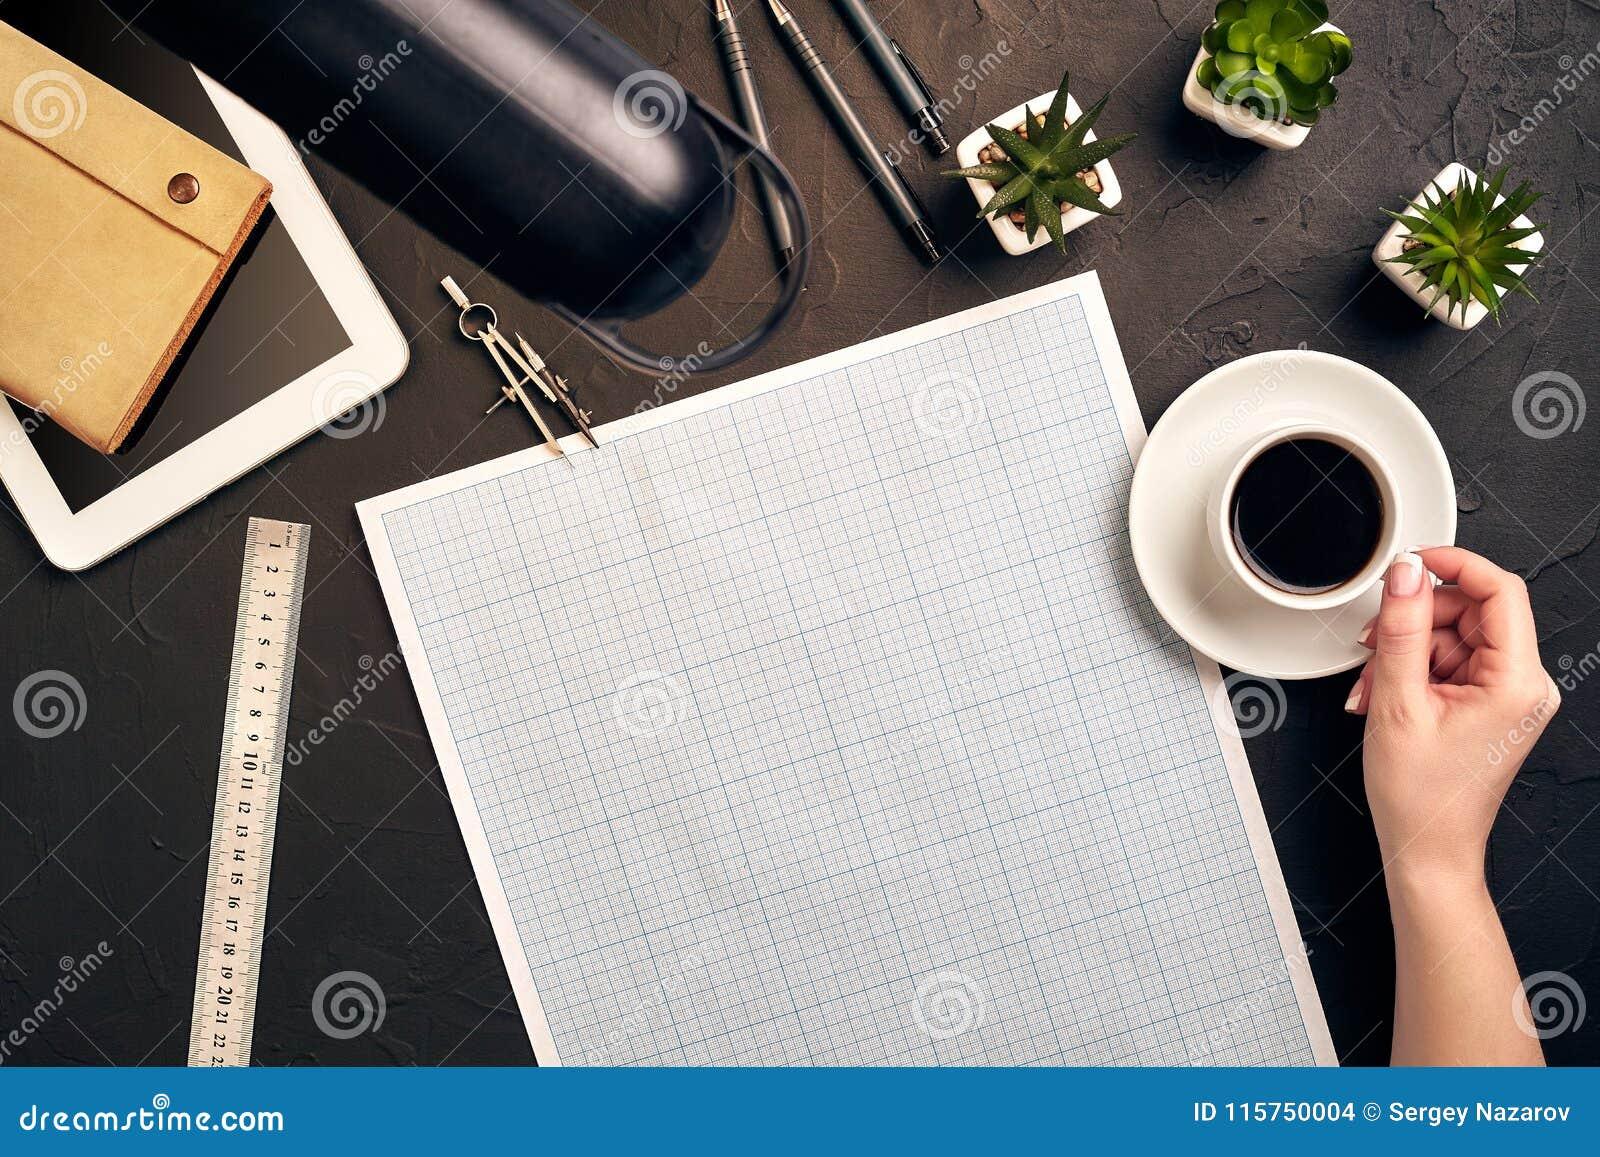 Architecte Working On Blueprint Lieu de travail d architectes - projet architectural, modèles, PC de comprimé Outils d ingénierie